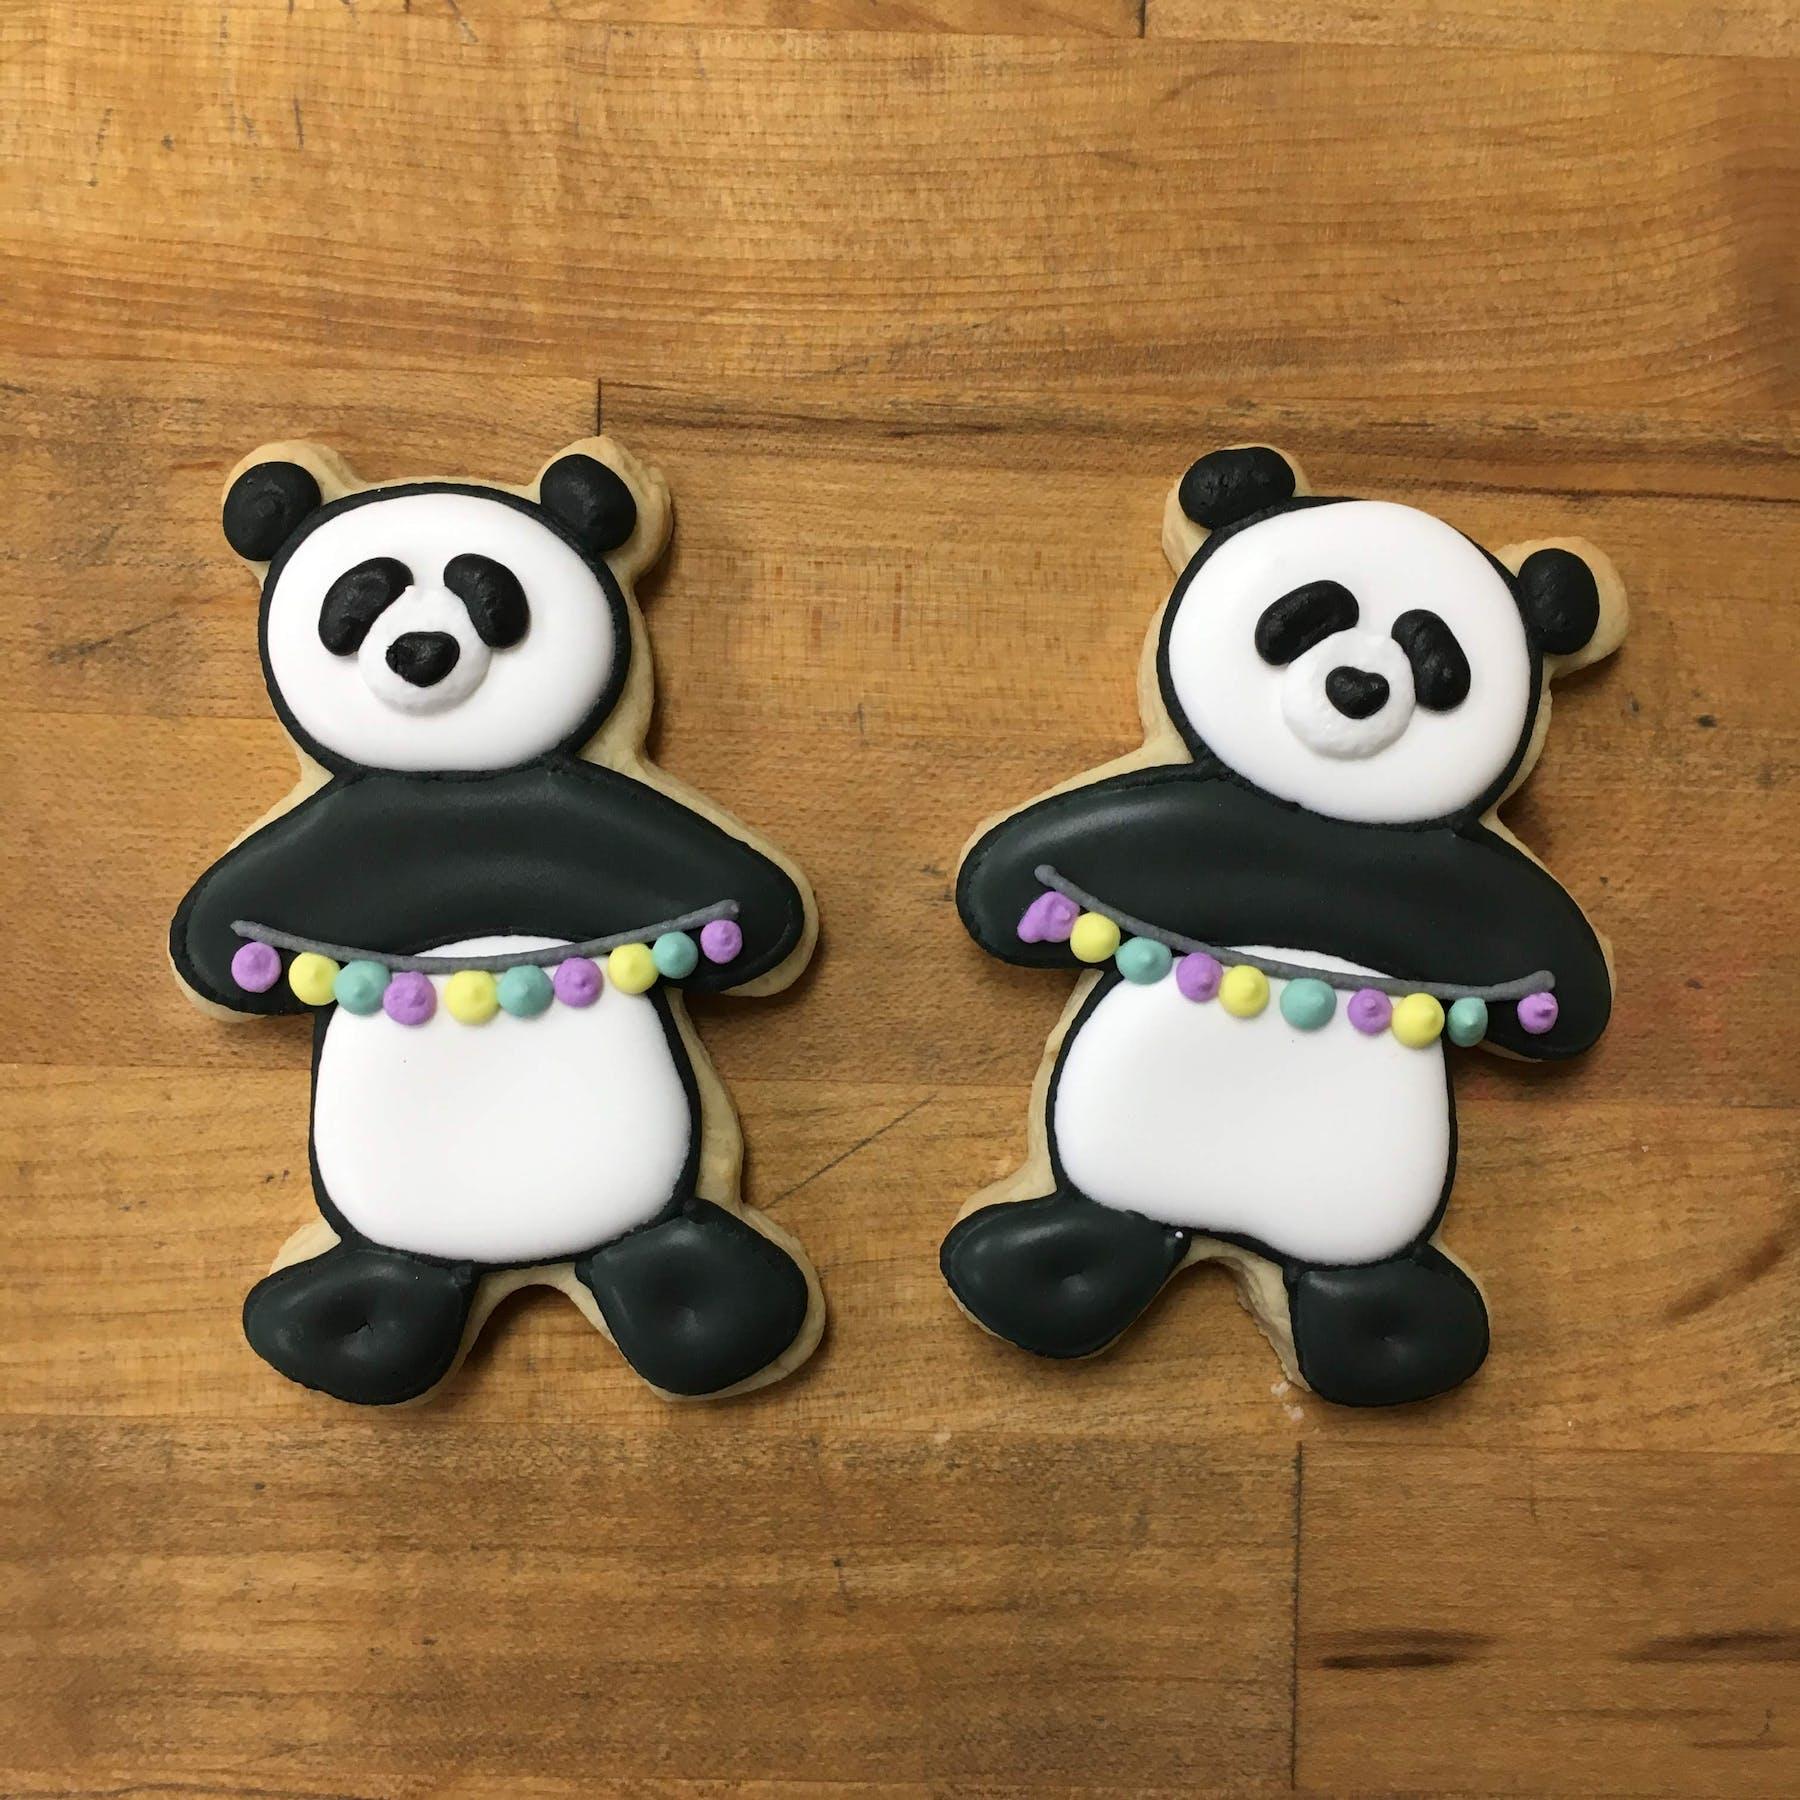 pandas holding a banner